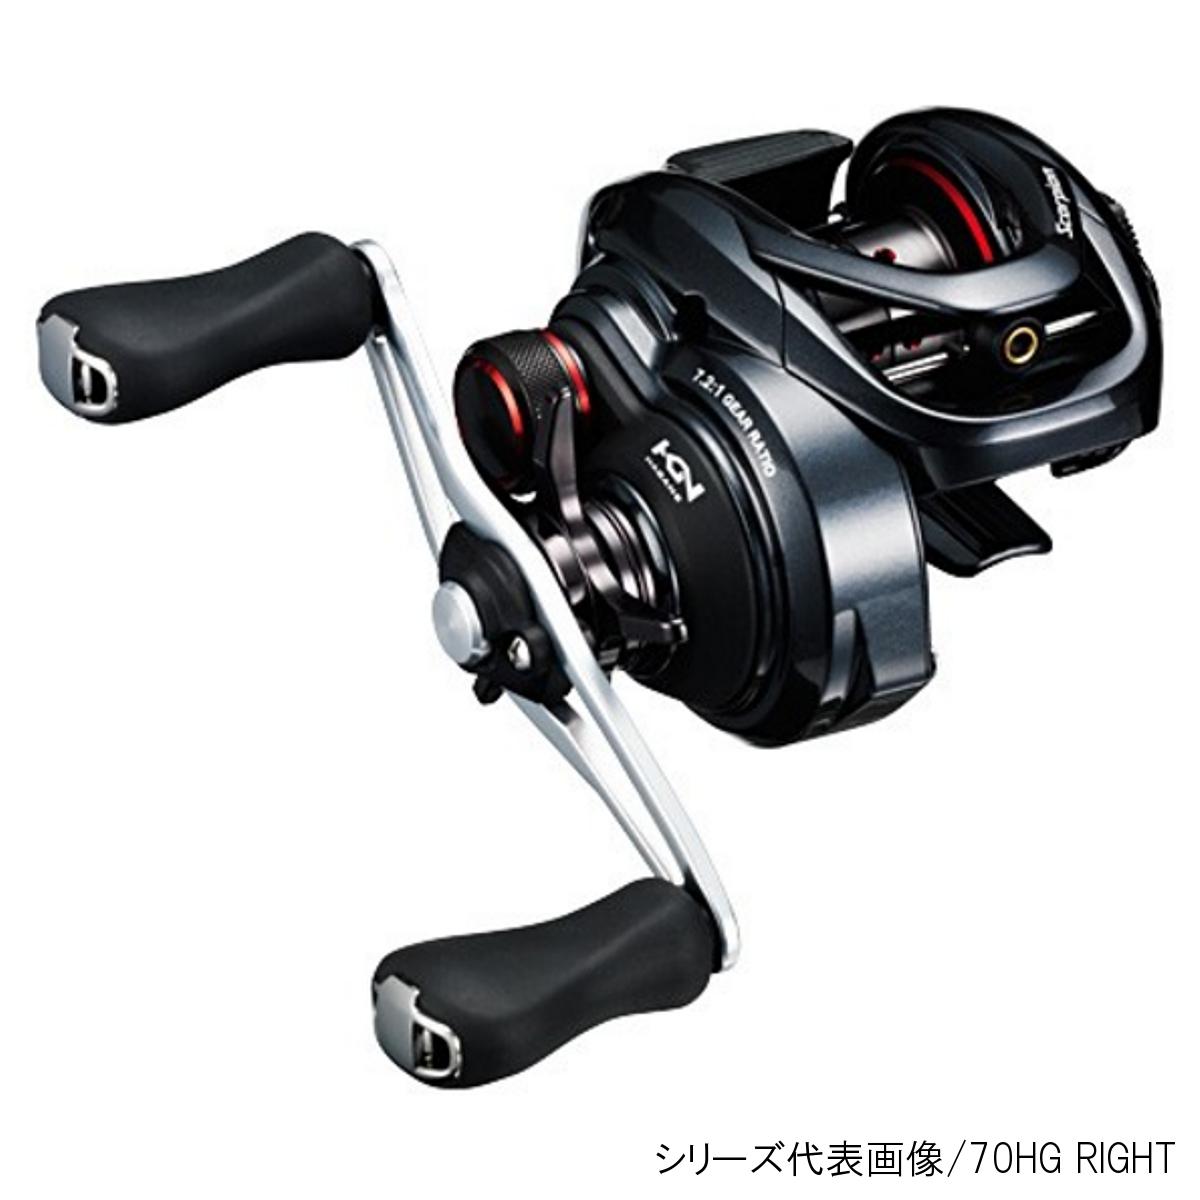 シマノ スコーピオン 70XG RIGHT(右)